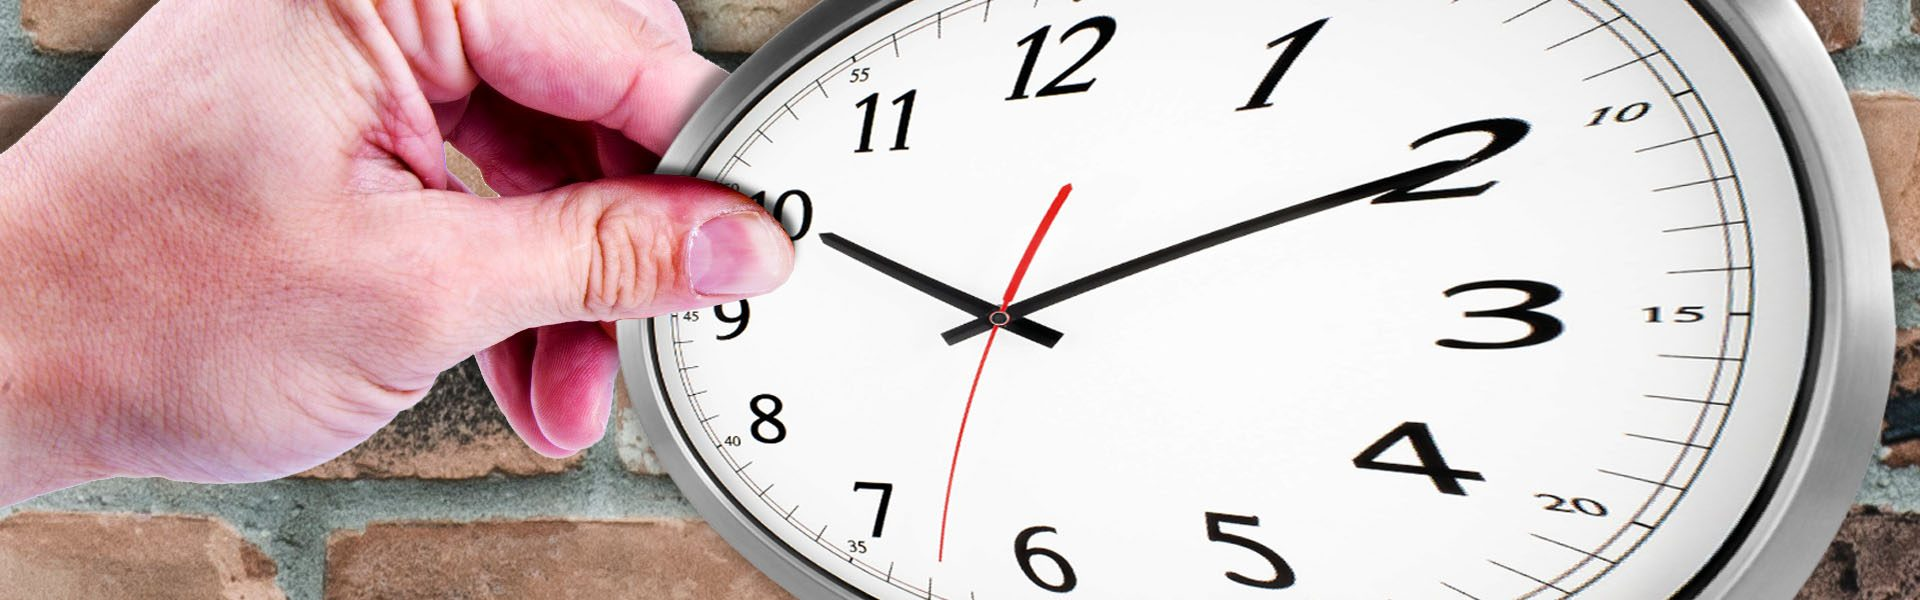 FysioPraktijk BAS breidt uren uit!